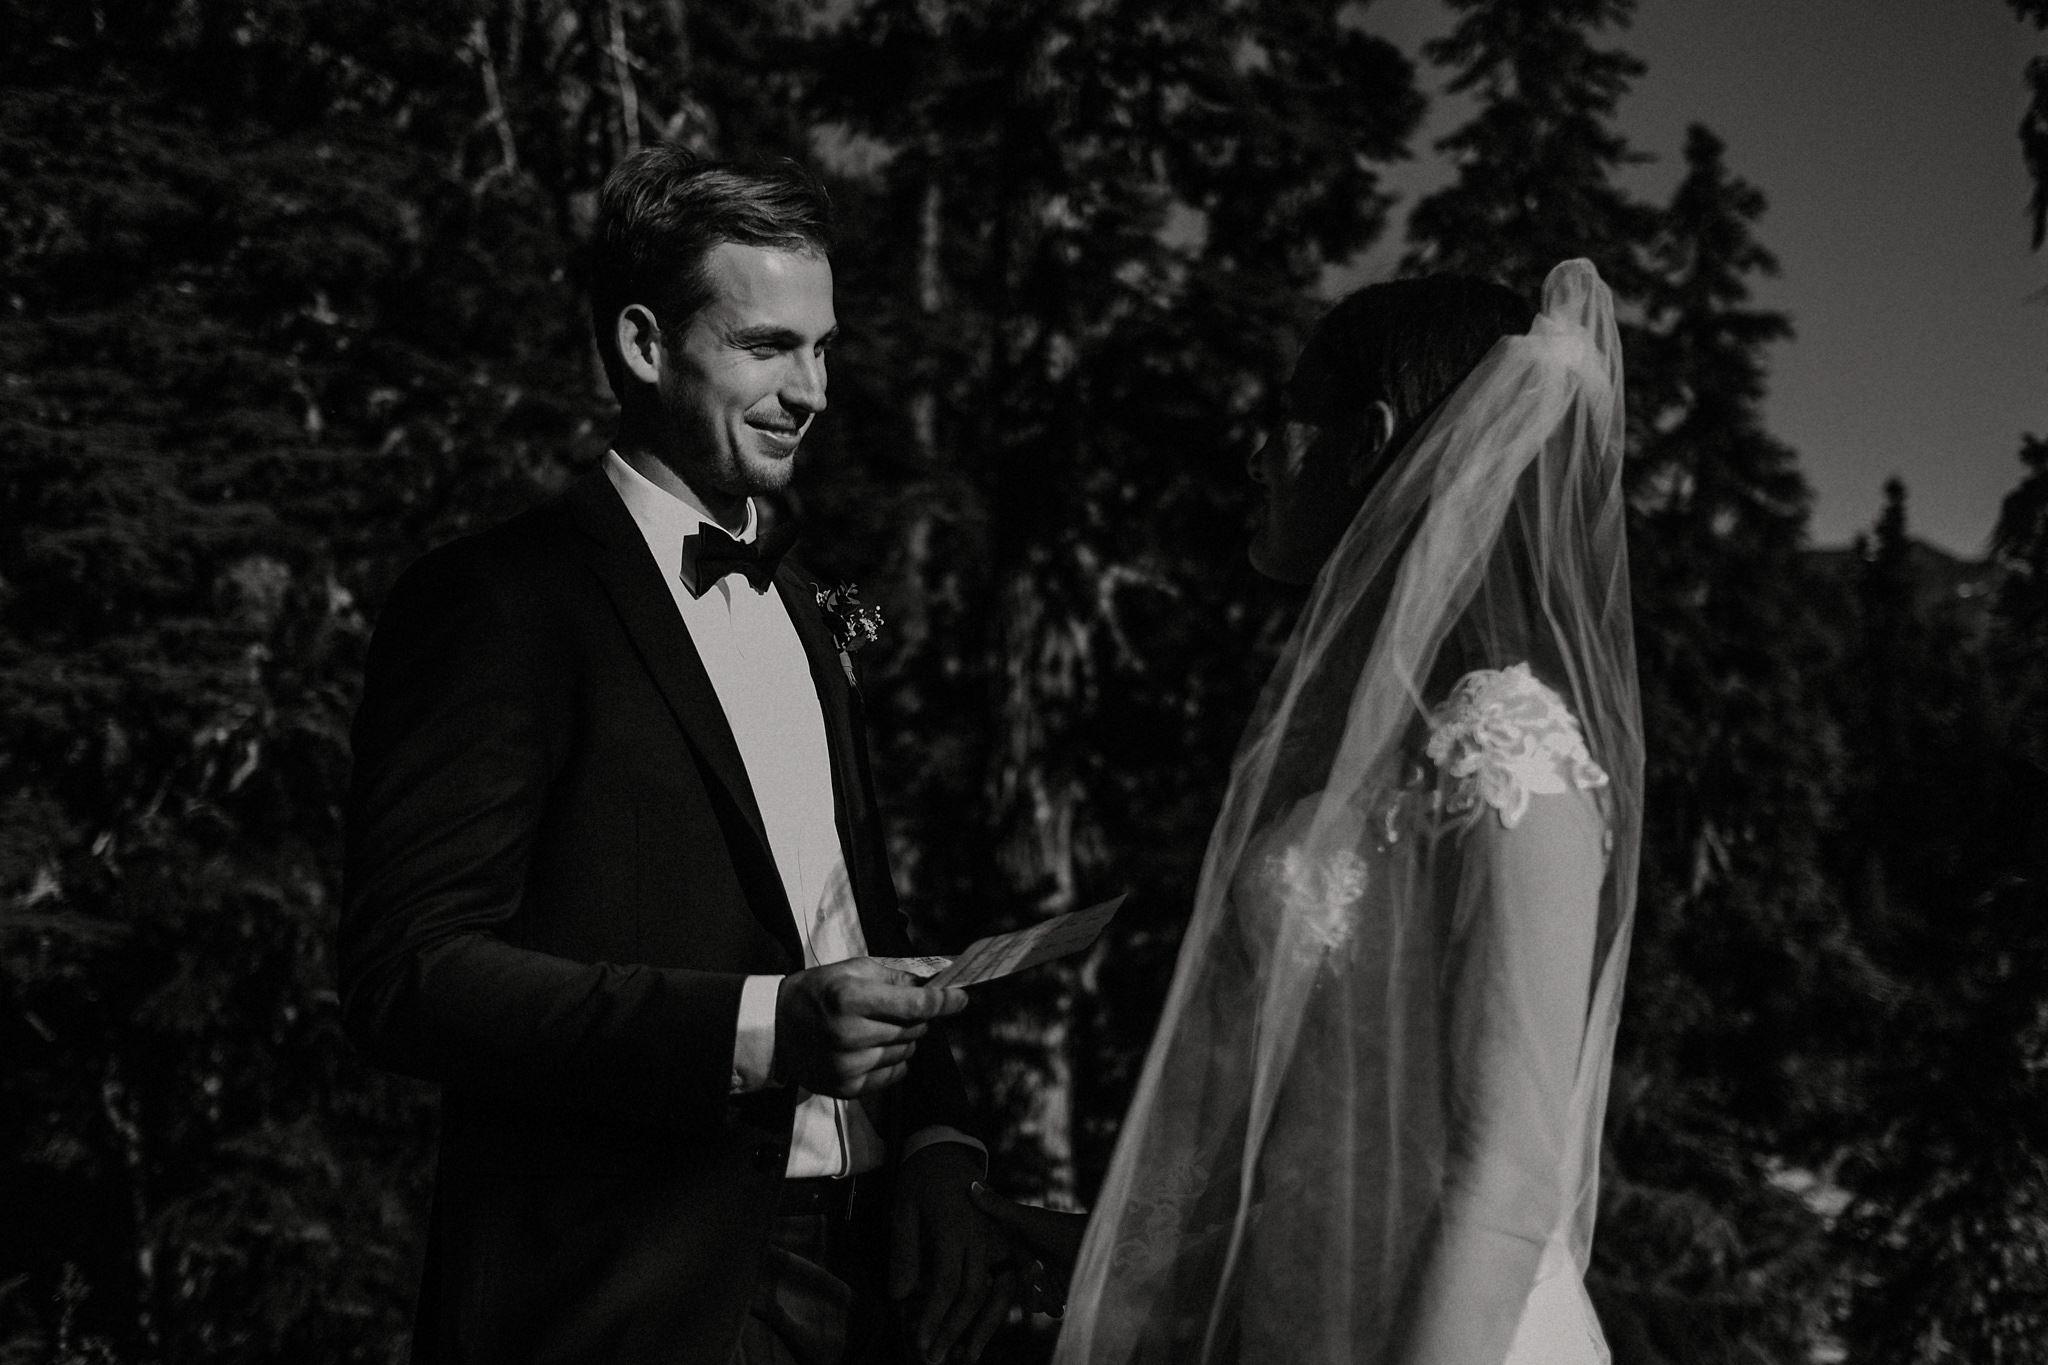 mindy-michael-cascade-mountains-elopement-wedding-25.jpg